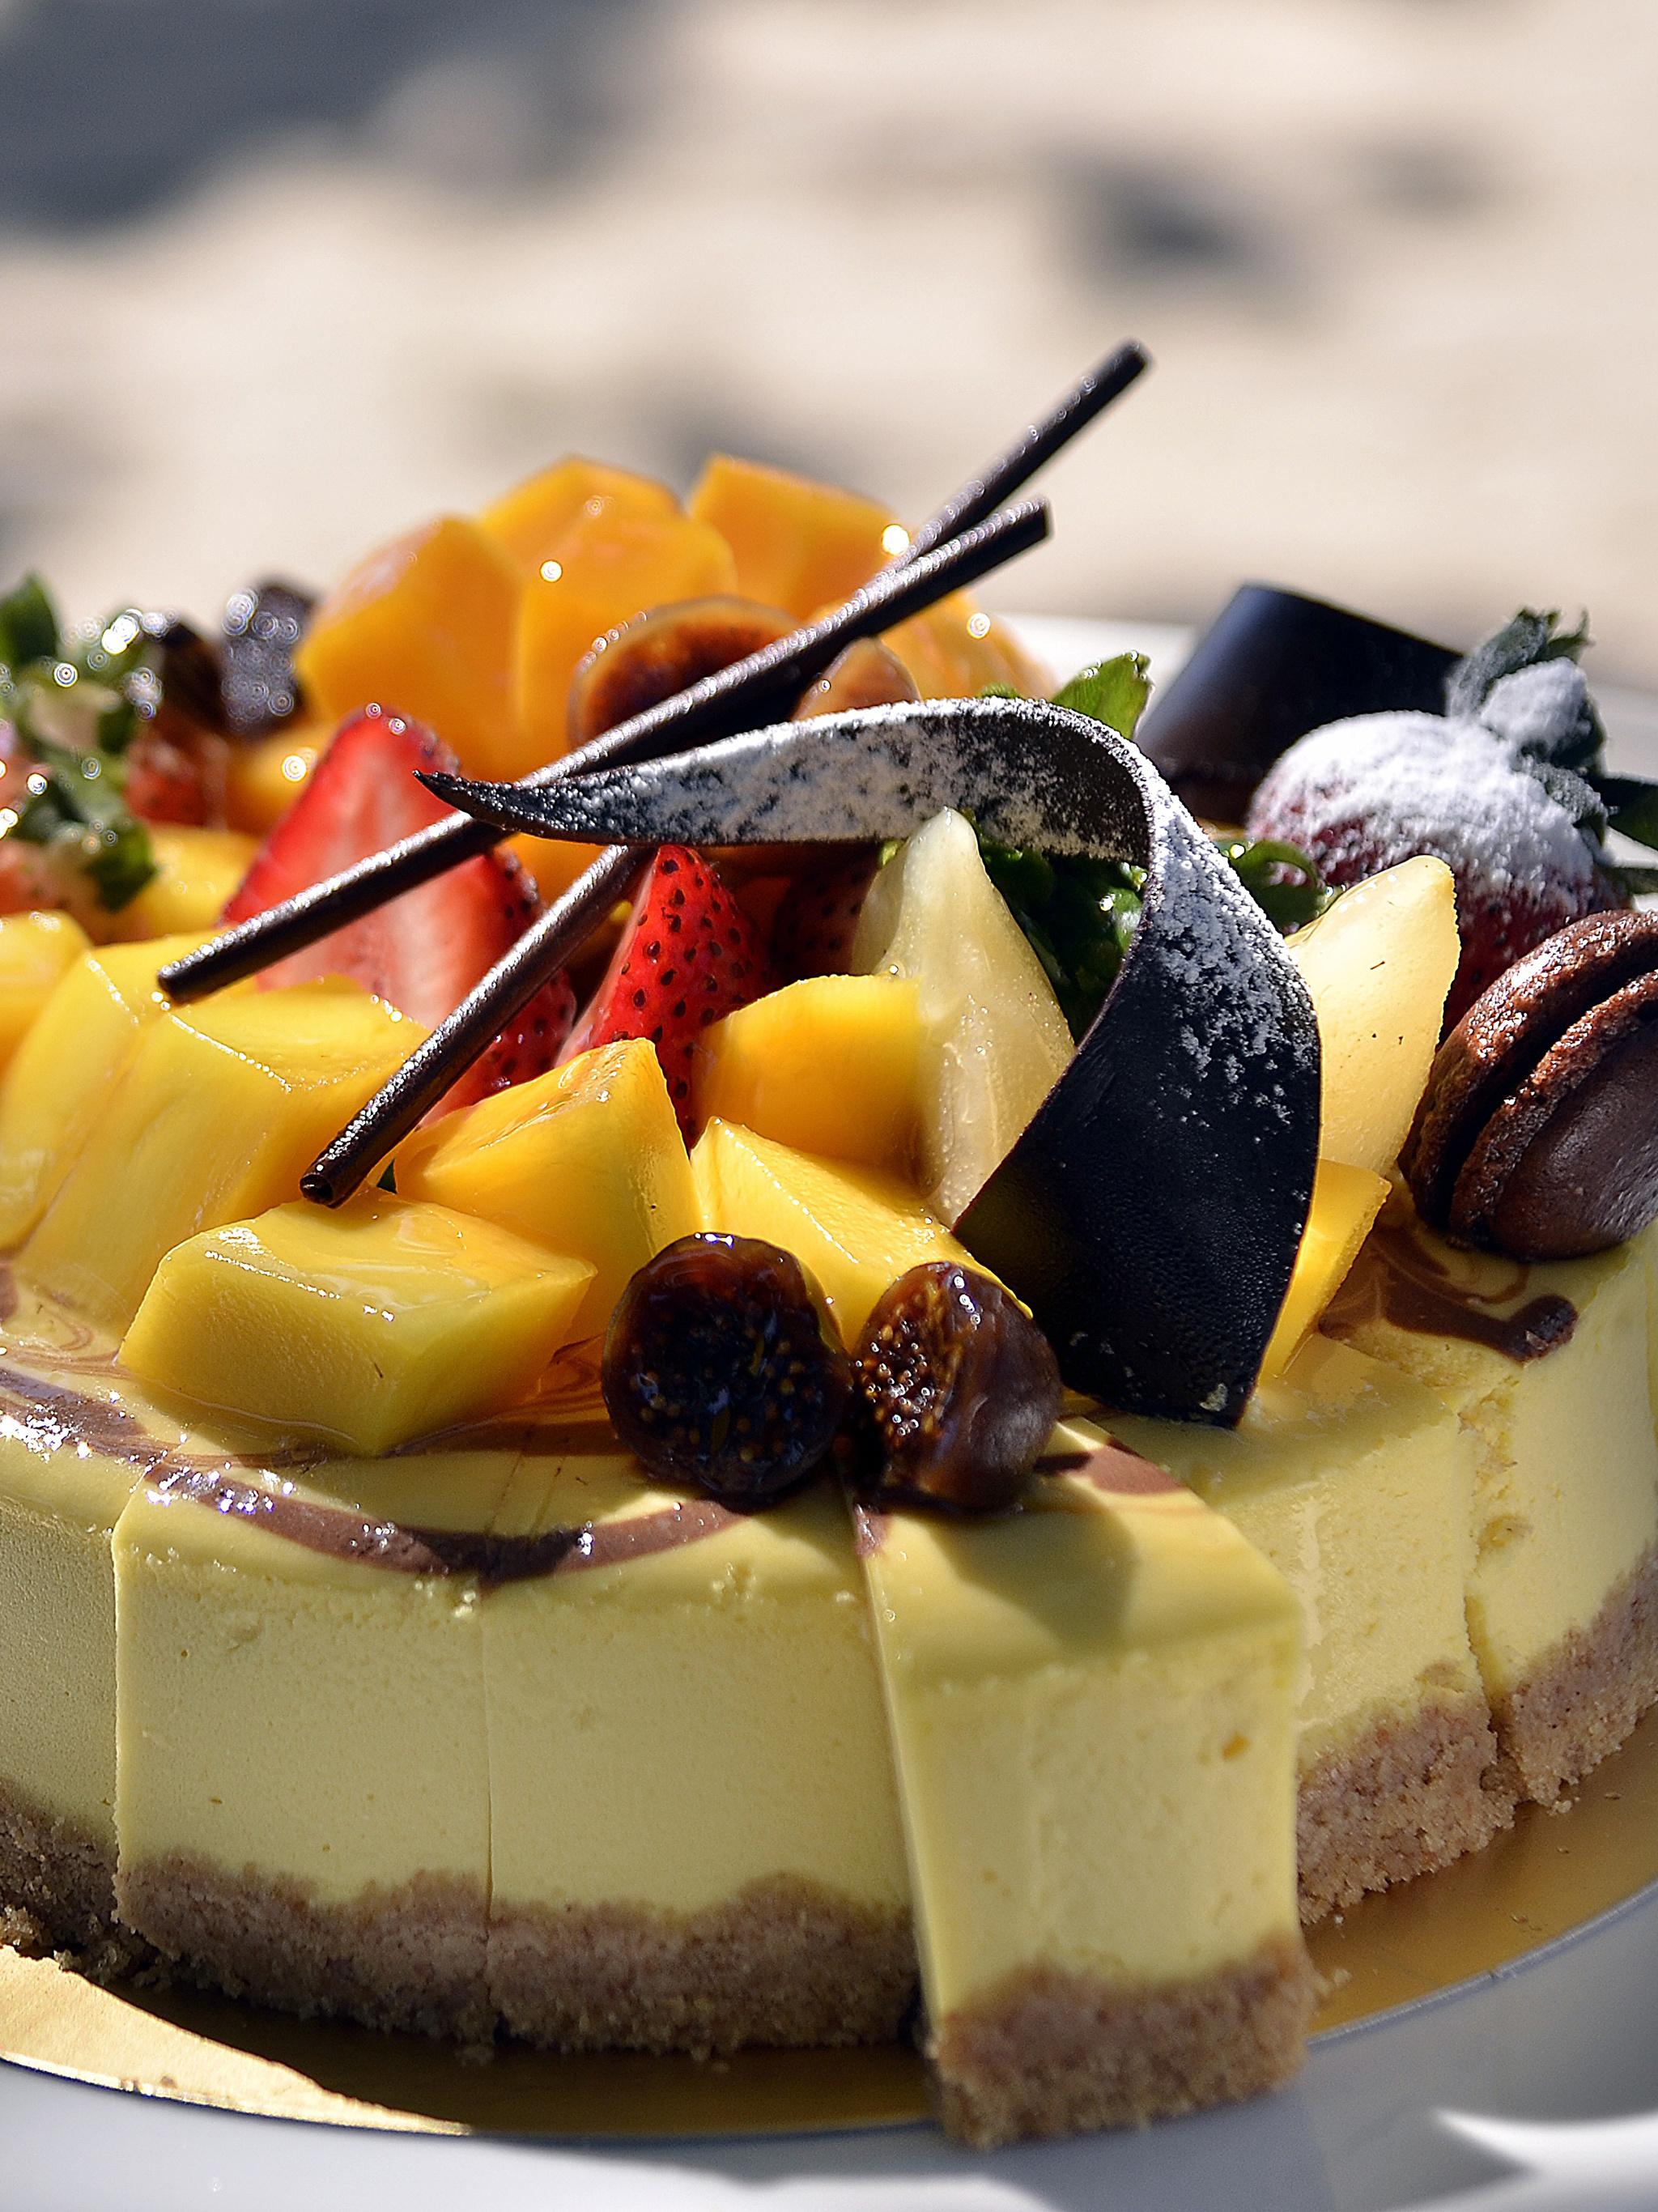 Картинка Шоколад Торты Еда Фрукты Сладости 2048x2732 Пища Продукты питания